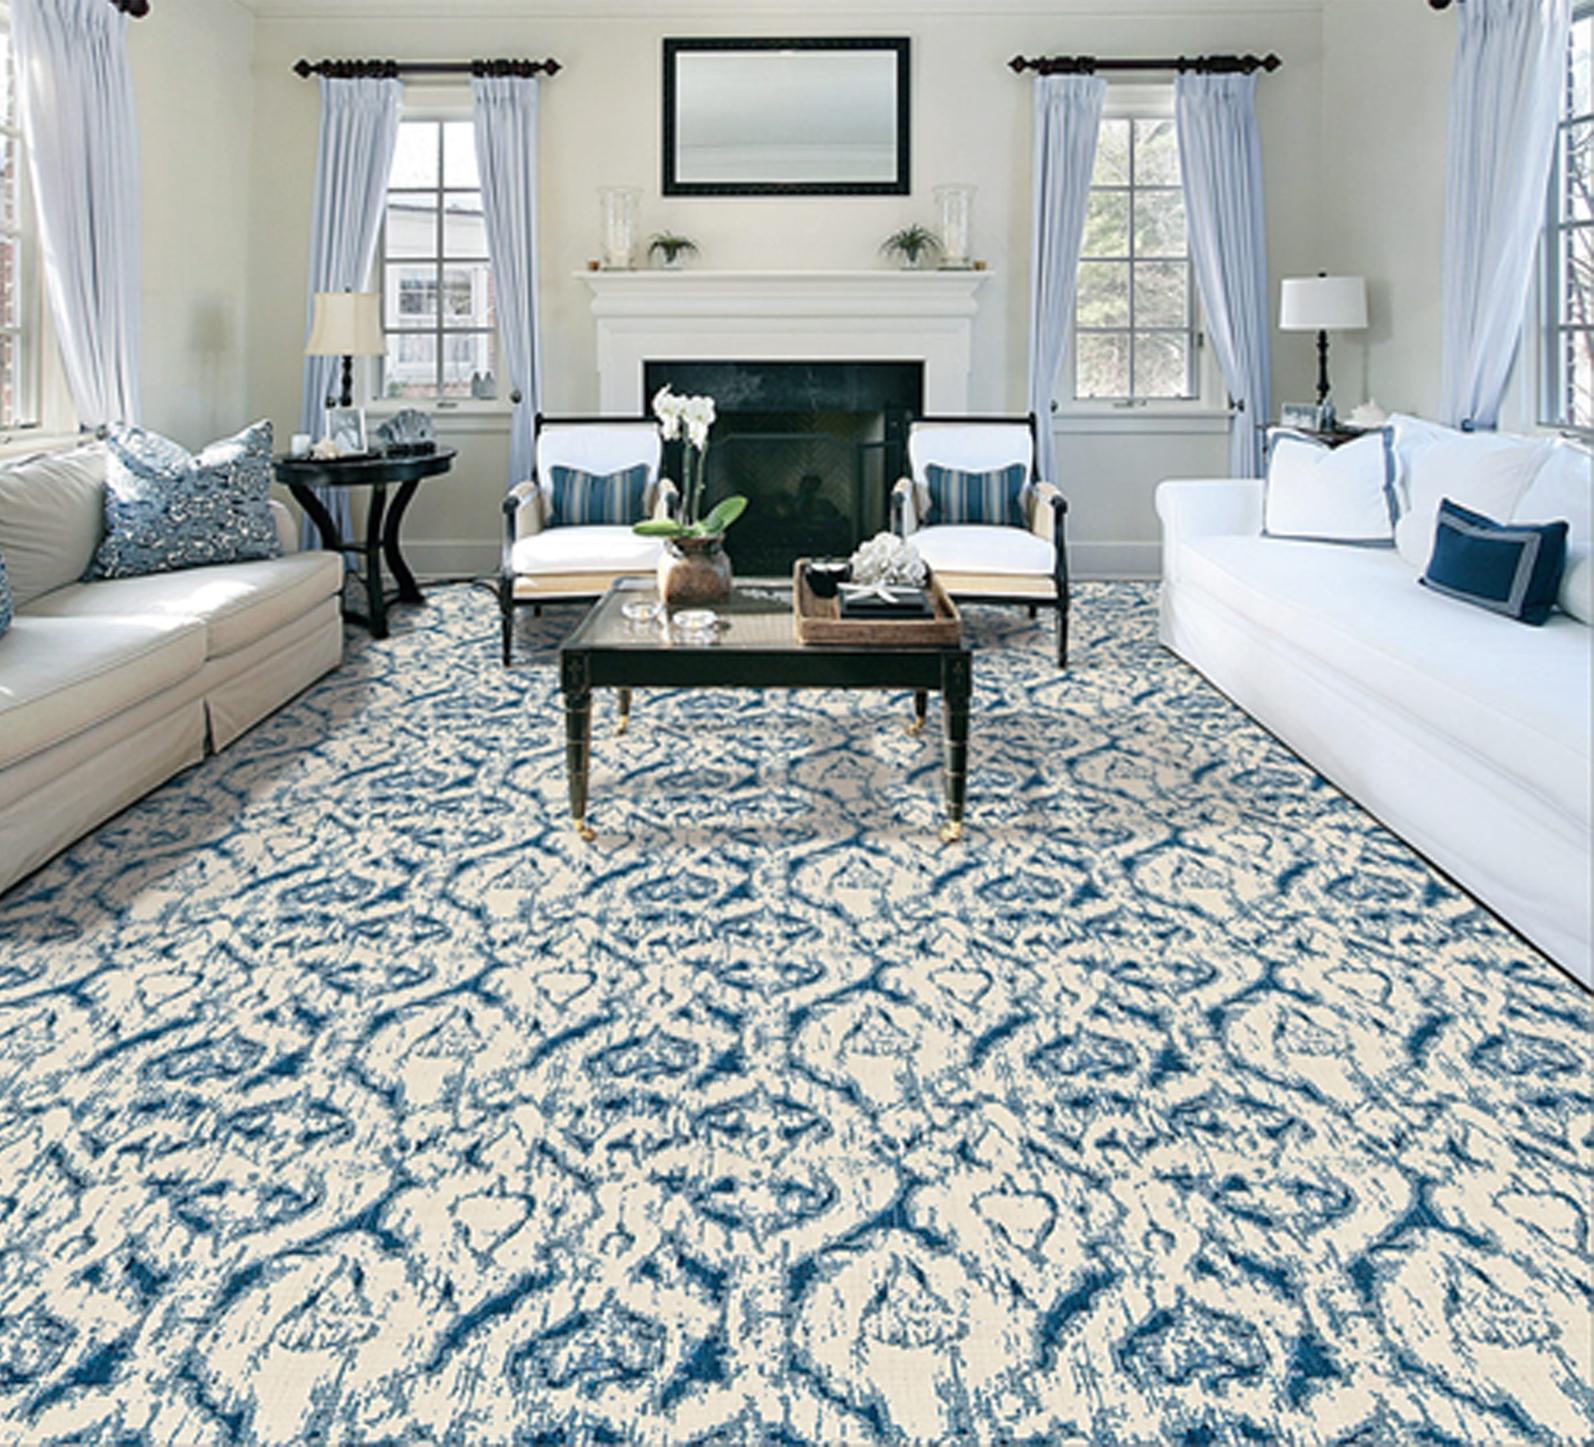 Hotel Carpets Dubai The Floorist Premium Hotel Carpet